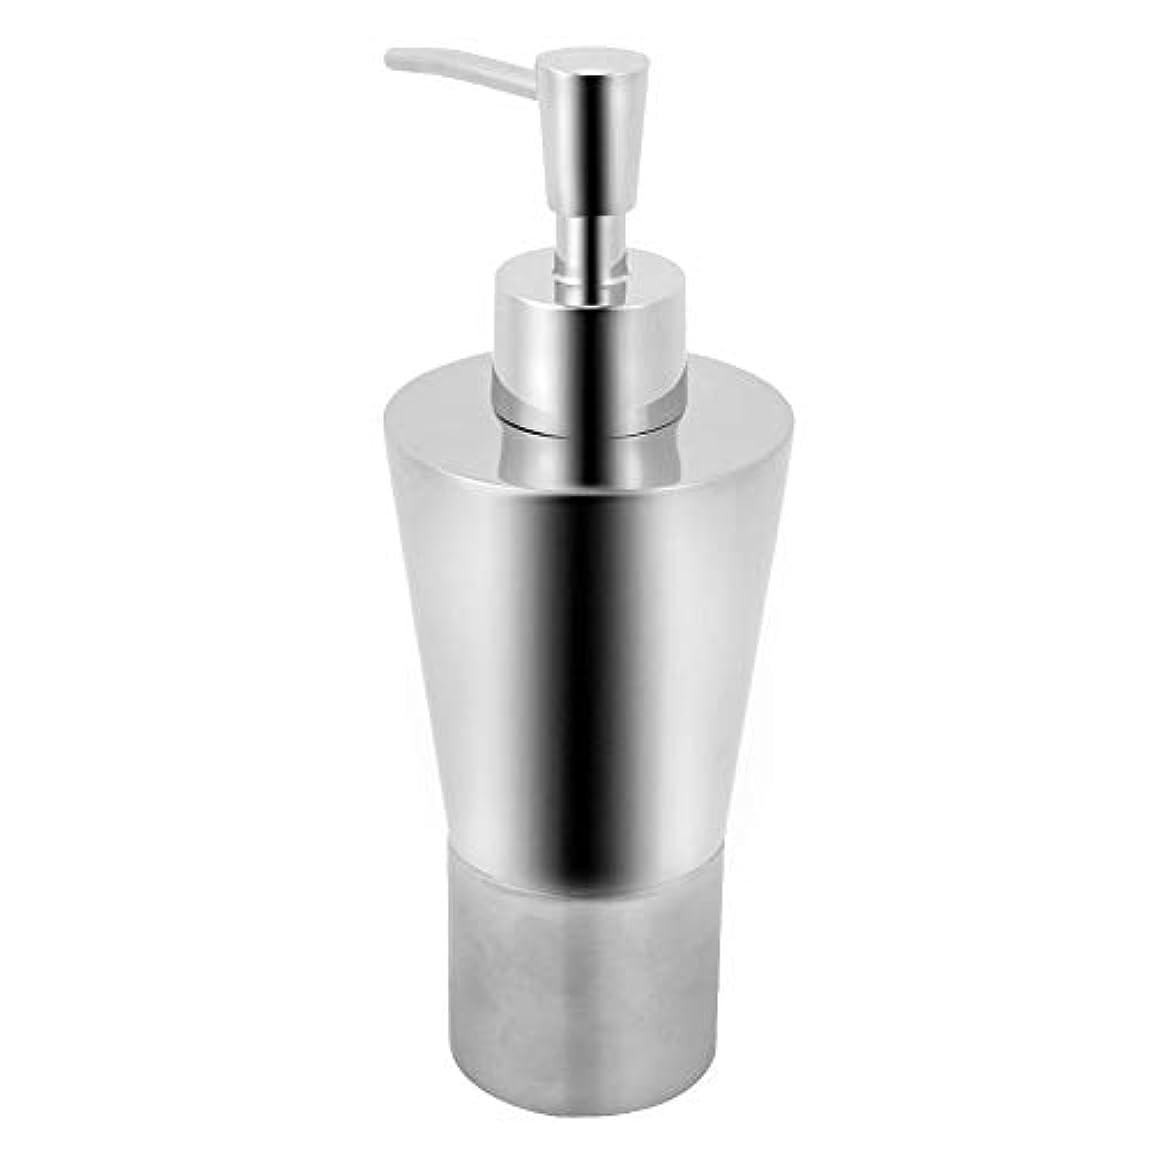 しかしながら自己新しさdootiディスペンサー 詰め替え ハンドソープ 洗剤ボトル ステンレス 耐久性 防水 防錆 多種類のソープ液体に適用